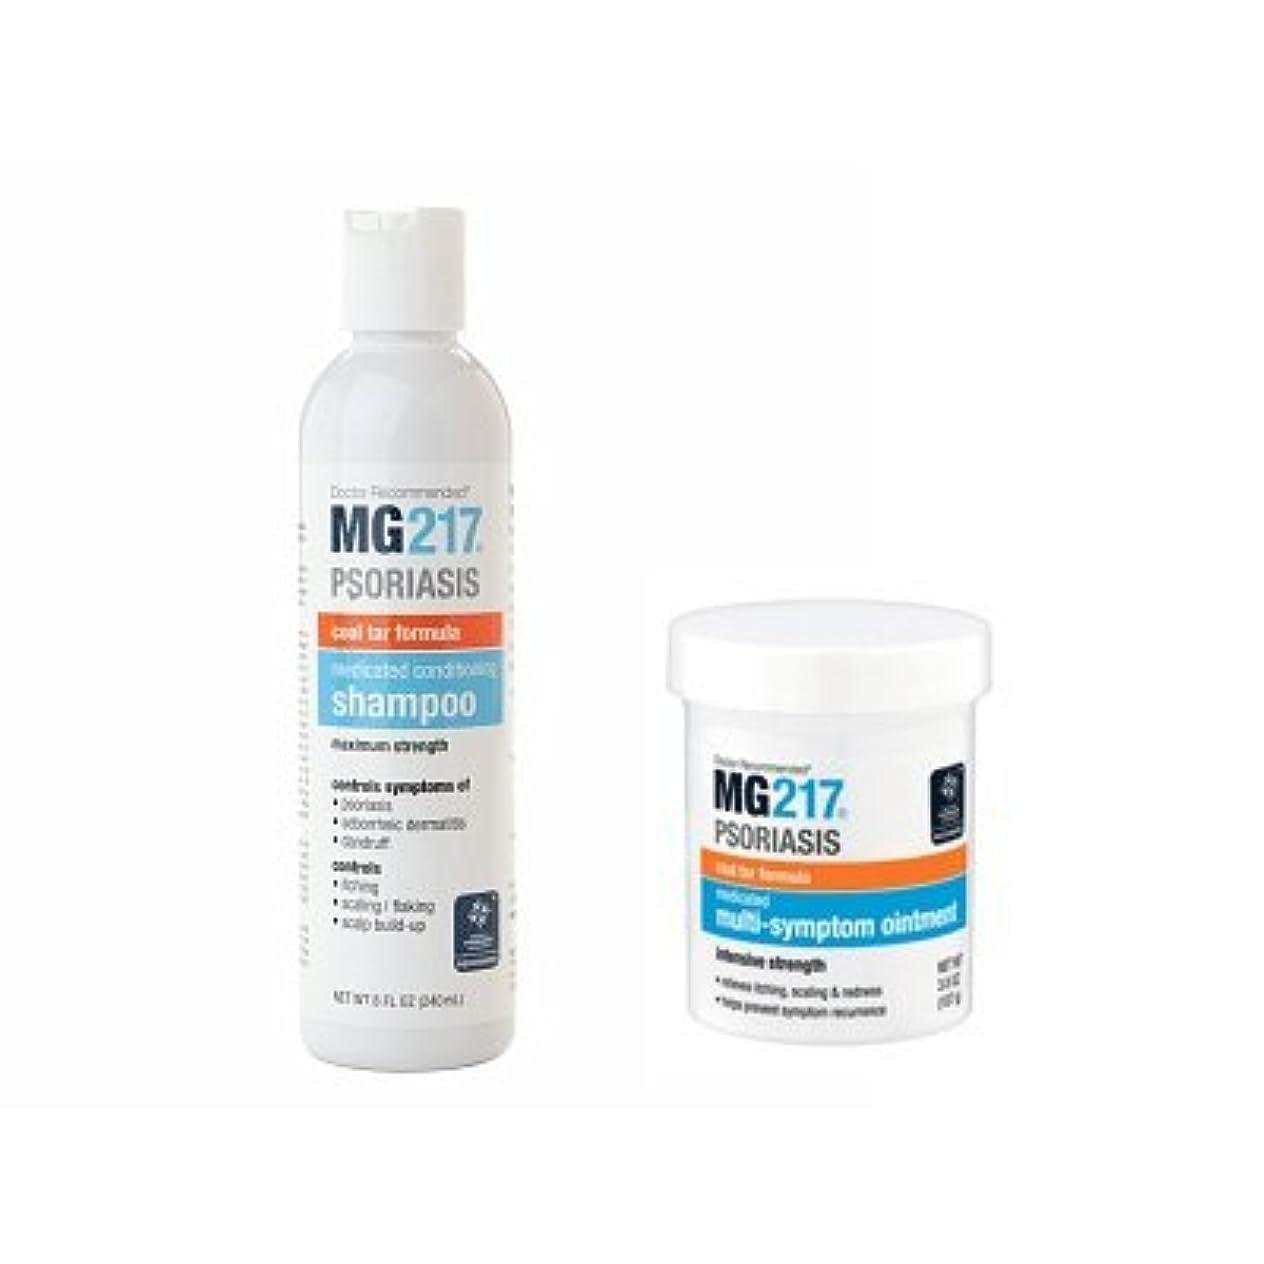 知覚的ビリーヤギ幻想MG217 シャンプー&軟膏セット 240ml/107ml Psoriasis Medicated Conditioning Shampoo,Ointment set 海外直送品